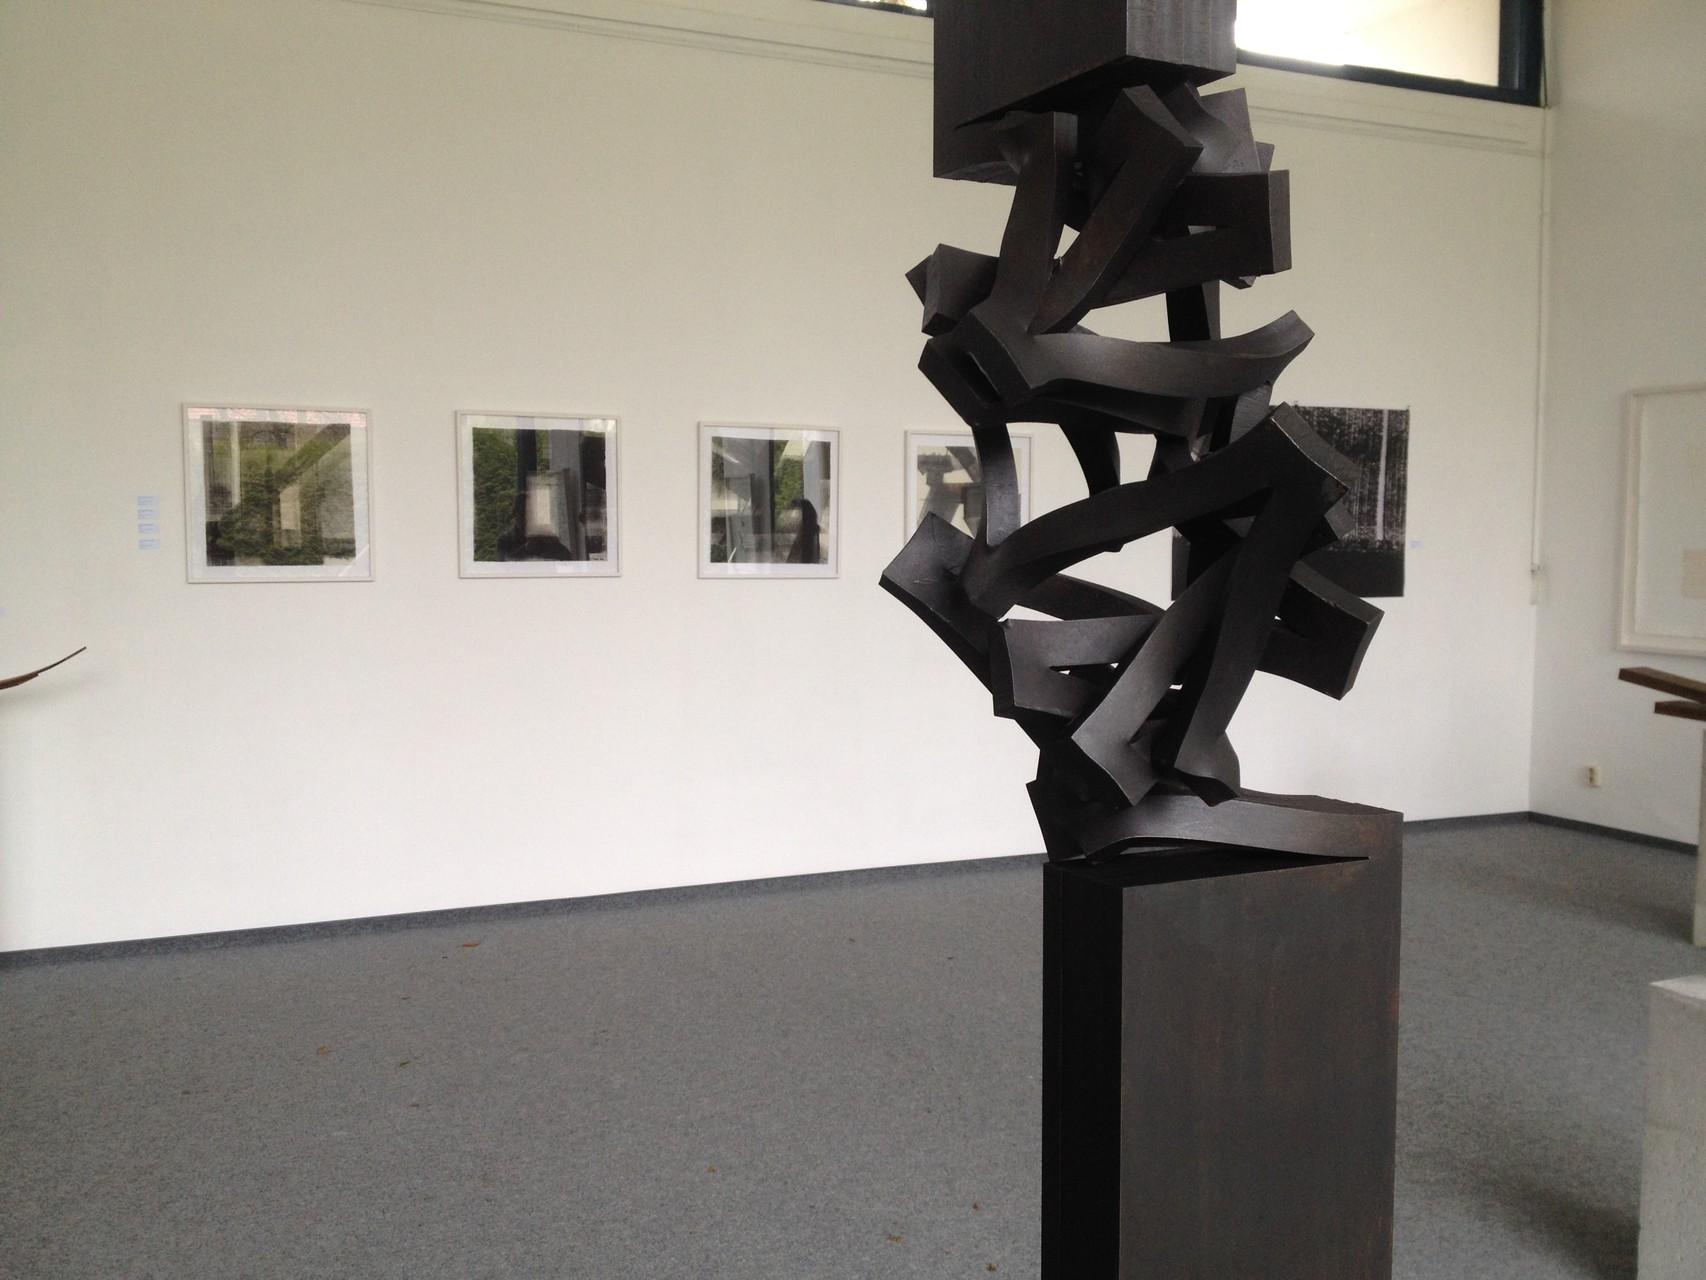 2014 菲瑞兹 · 温特工作室画廊 · 近慕尼黑